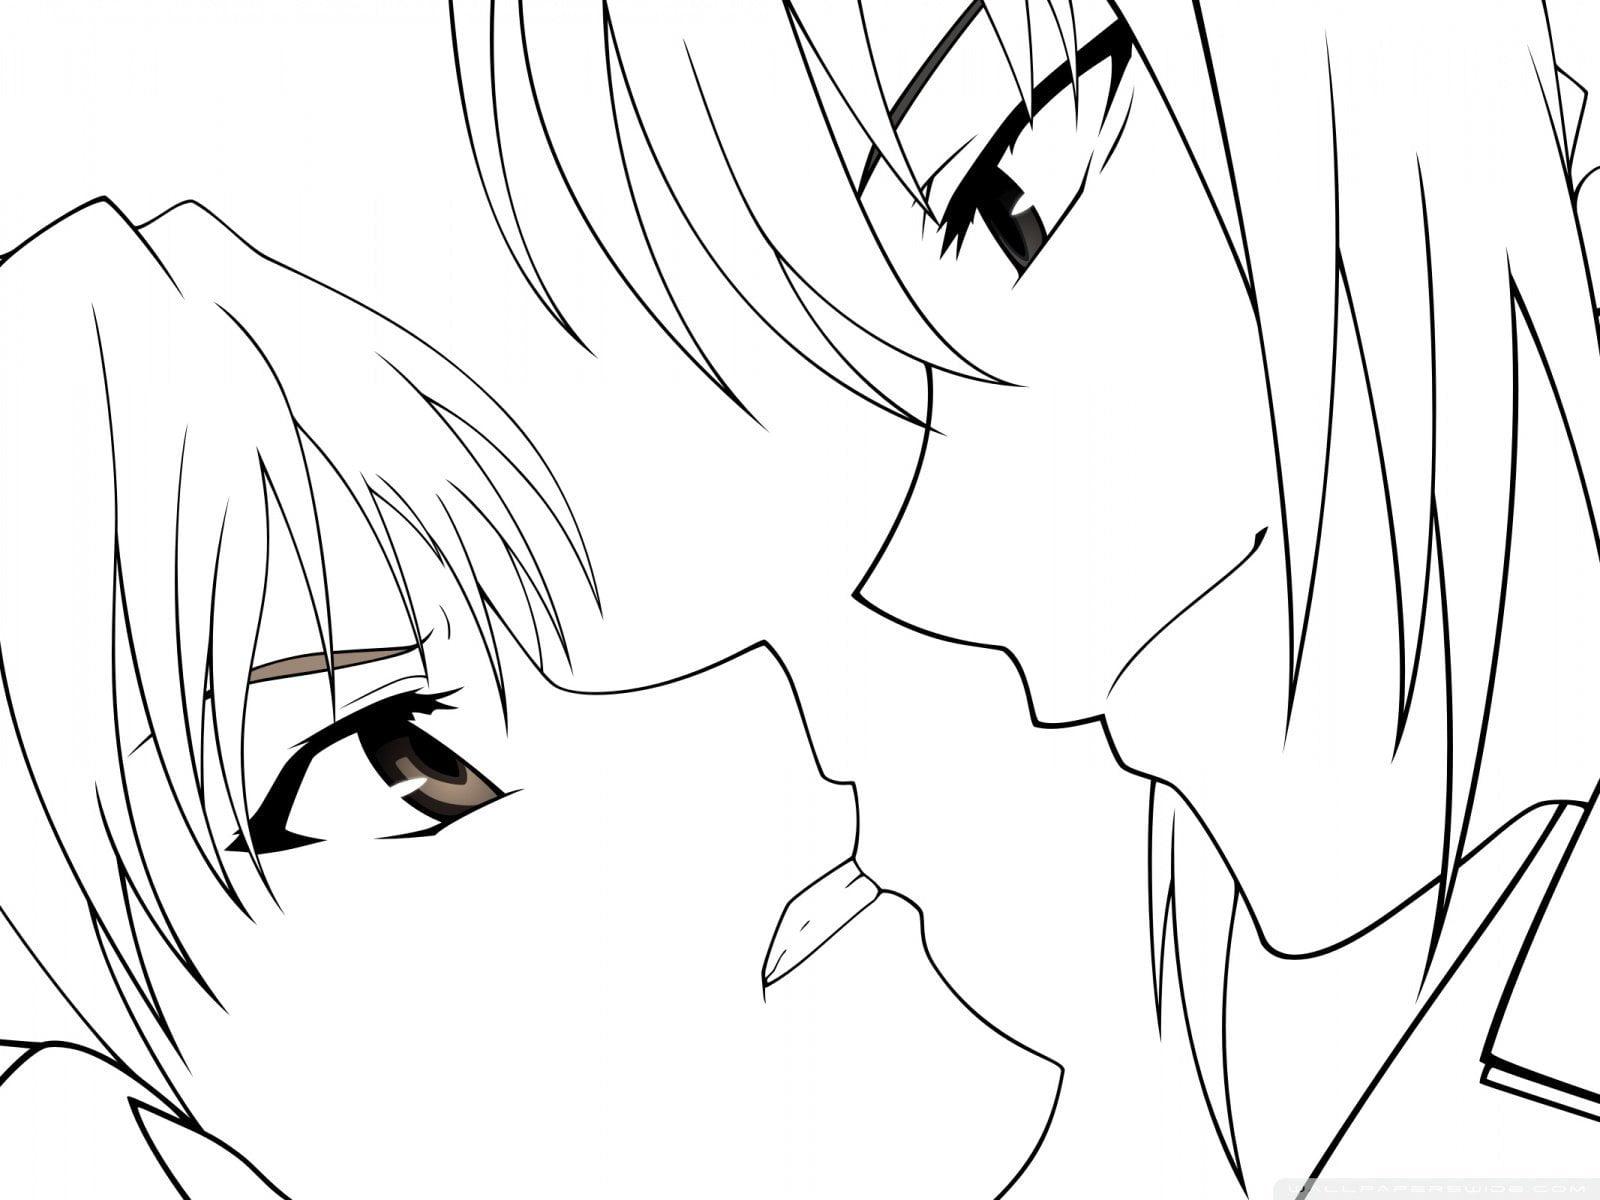 Для, аниме рисунок карандашом для срисовки